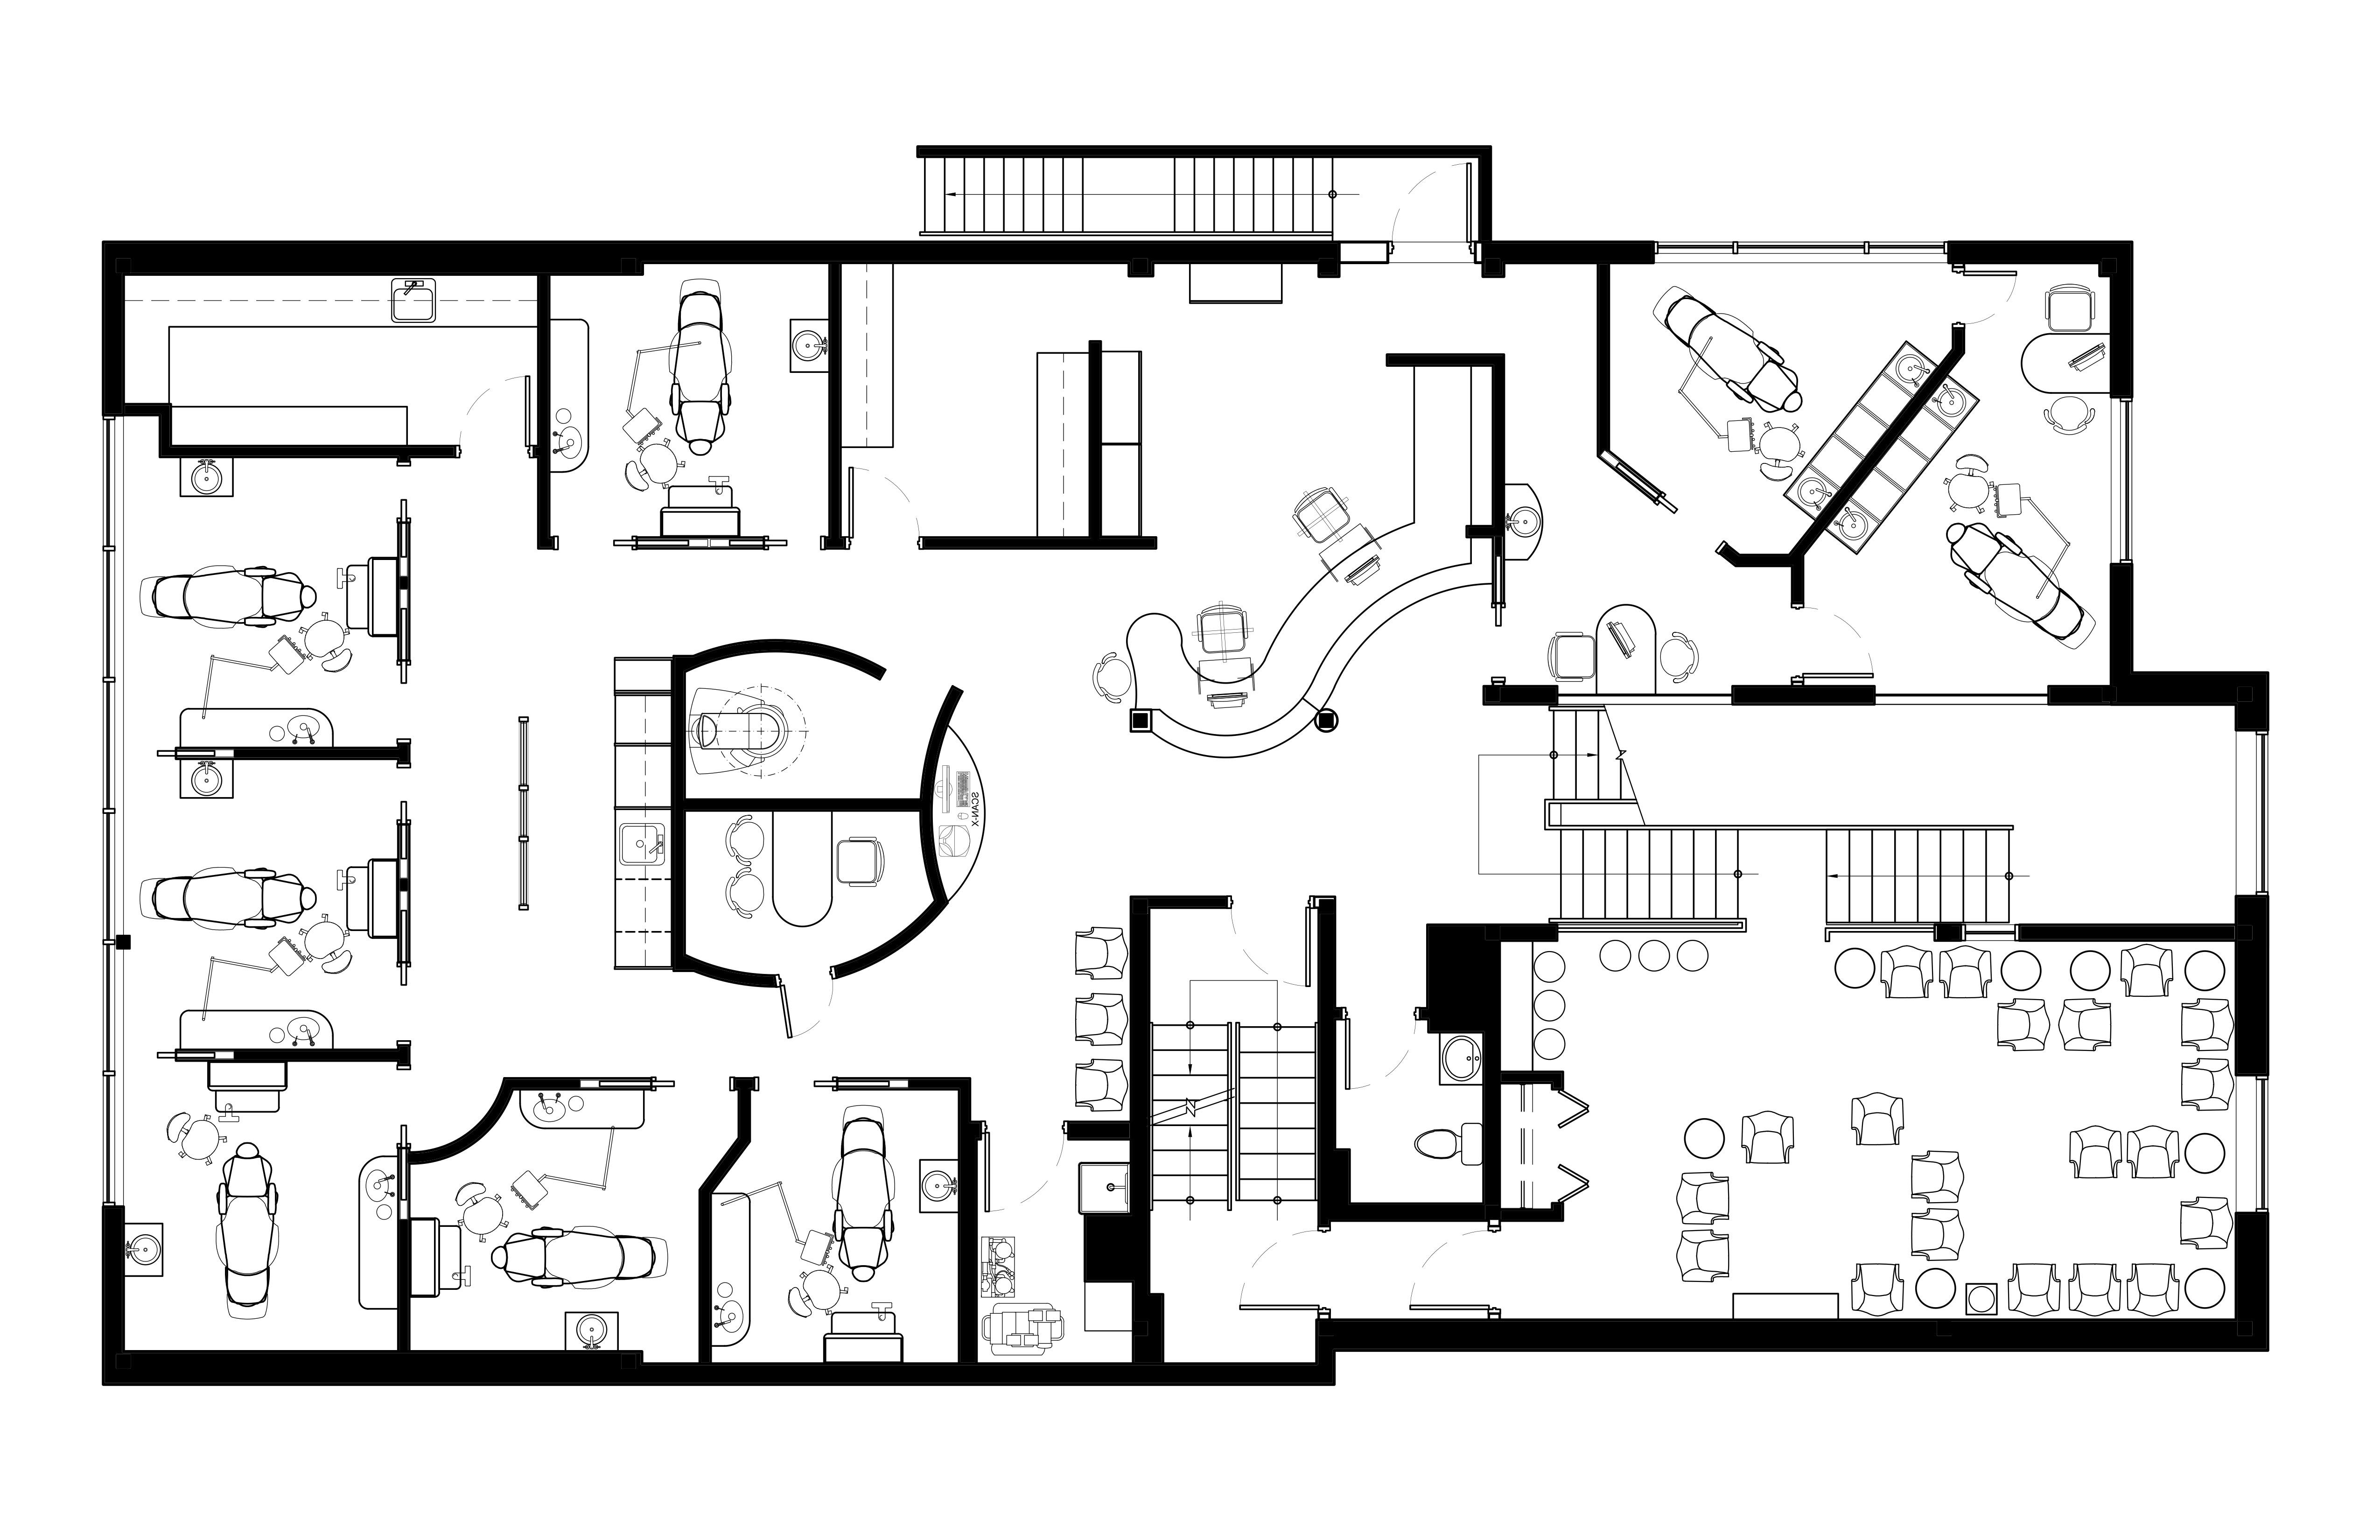 Plan d'aménagement niveaux 2 & 3